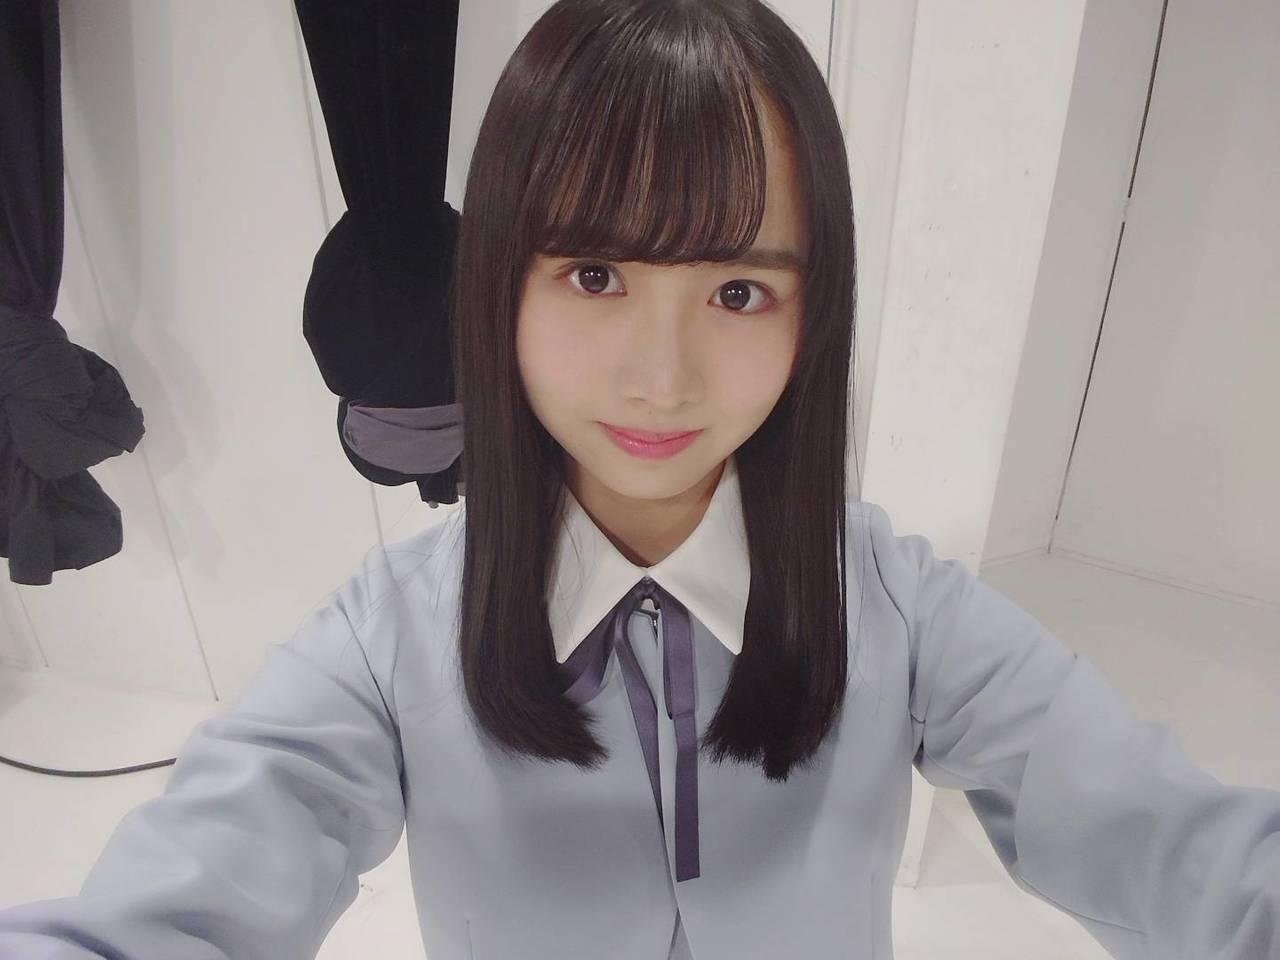 平成最後の4月12日、上村ひなのは15歳になりました。